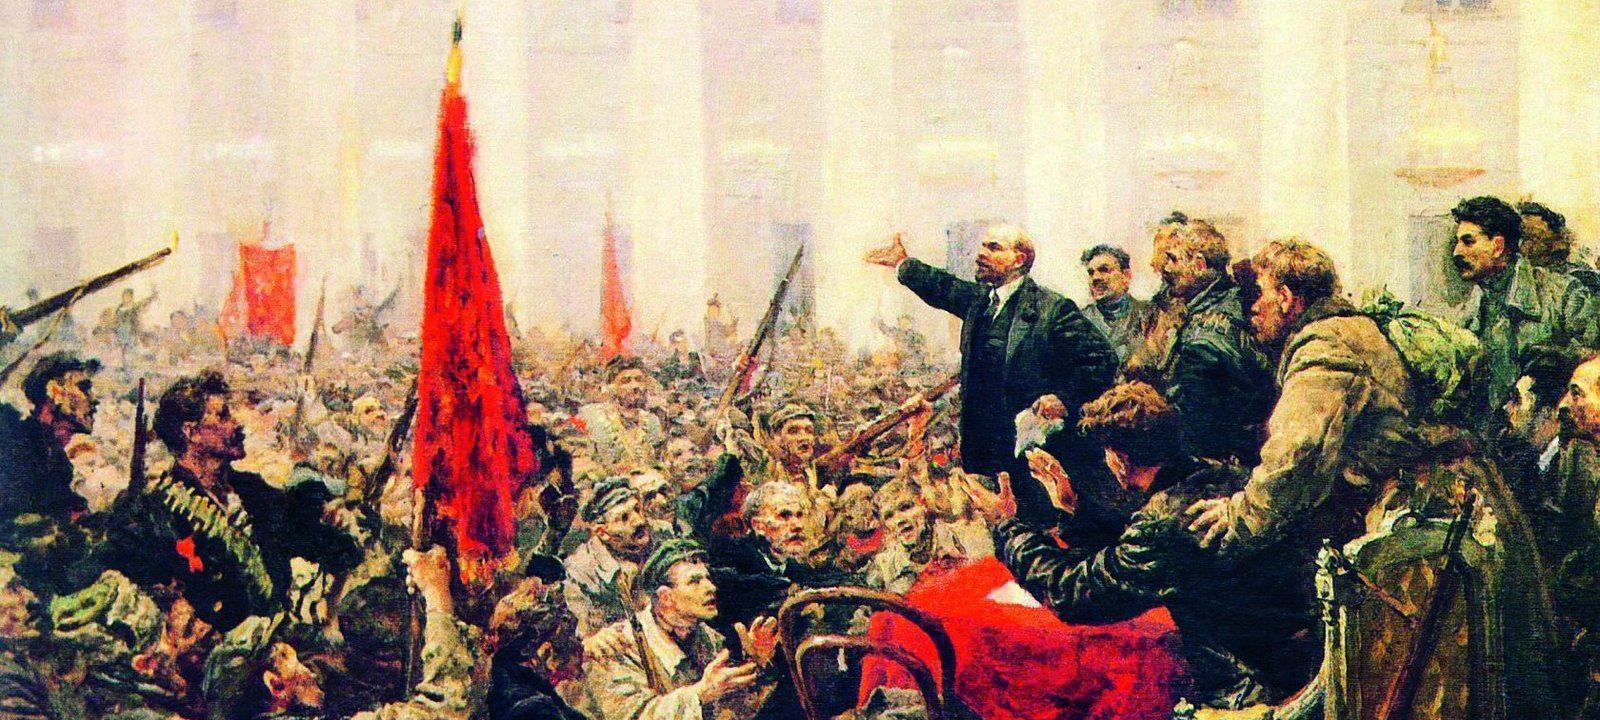 Серов В.А. Ленин Провозглашает Советскую власть. Эскиз. 1947